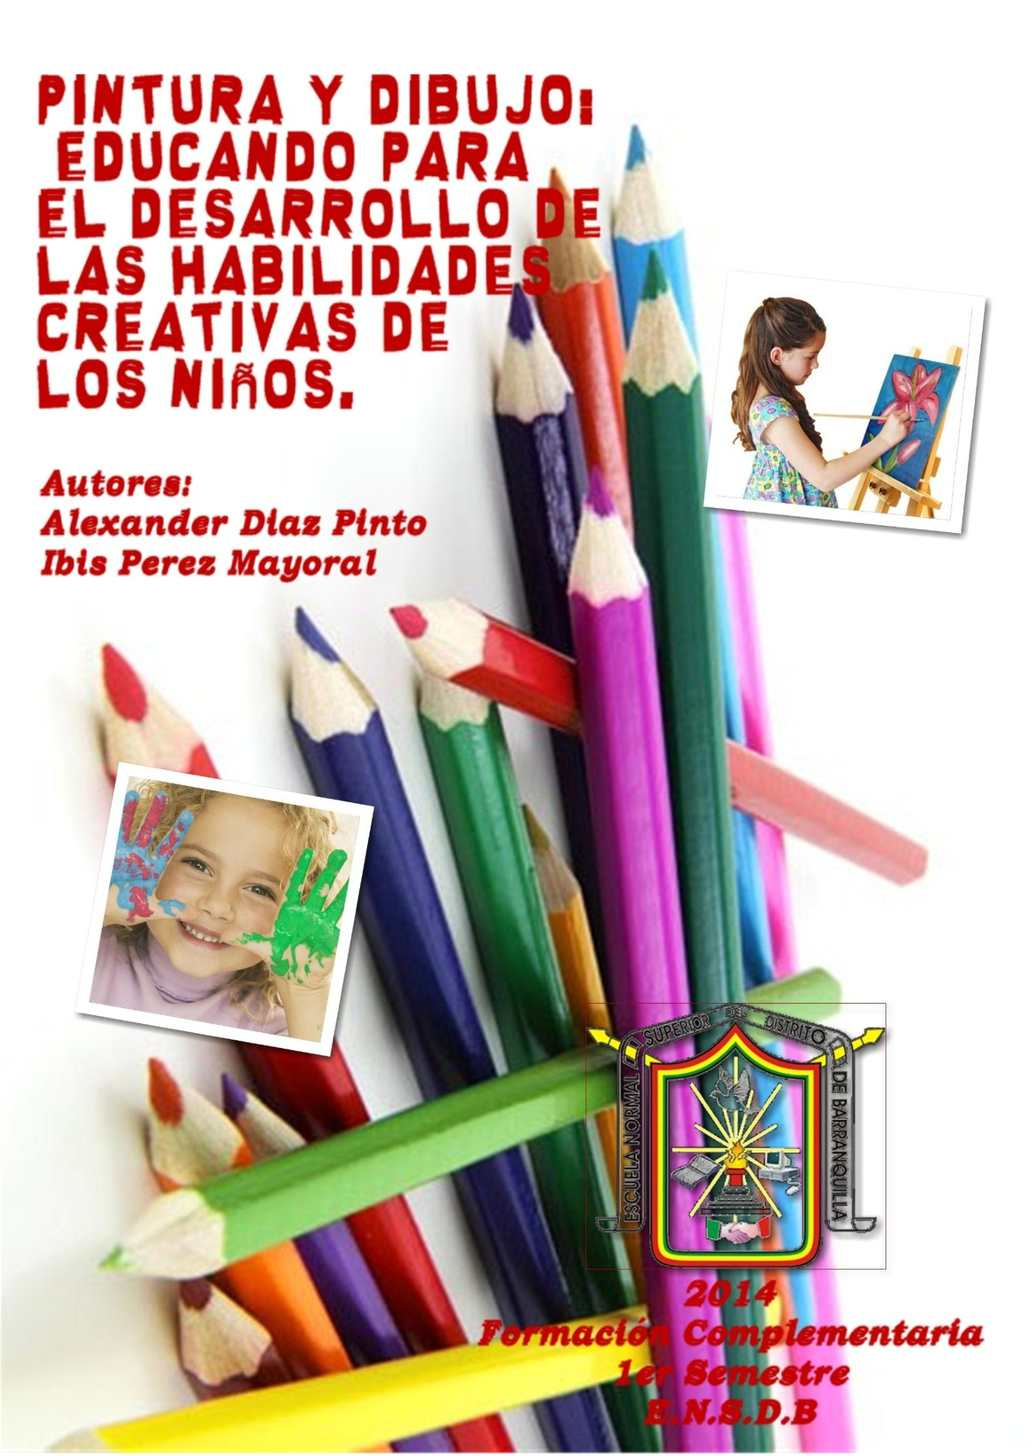 Pintura y dibujo: Educando para el desarrollo de las habilidades creativas para los niños.